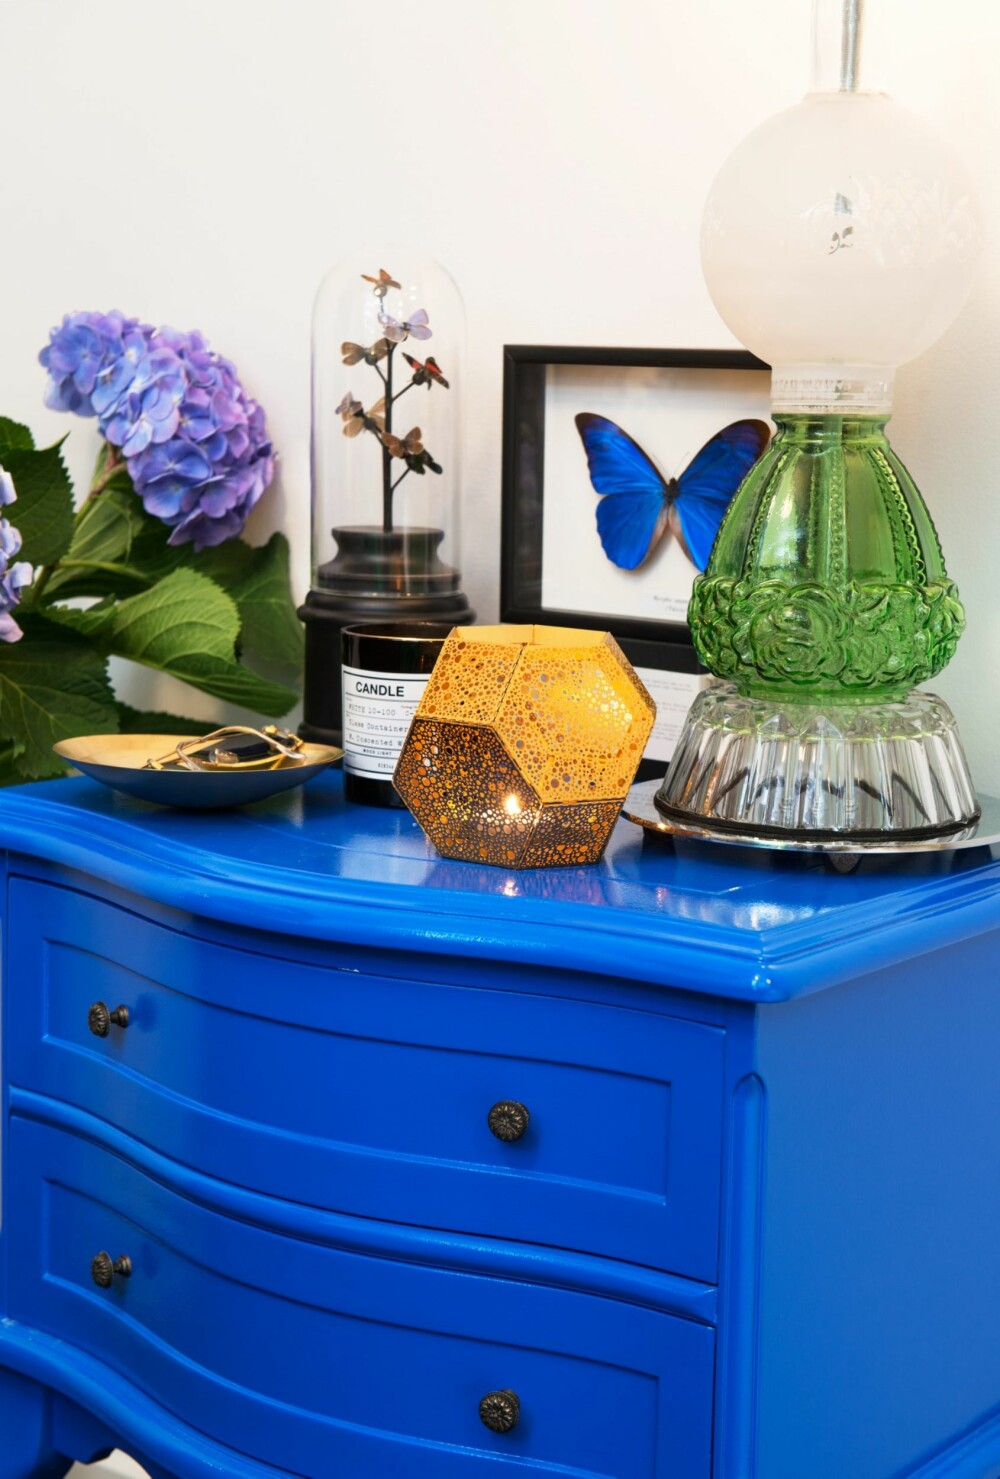 SYSTEM PÅ PYNTEN: Interiørarkitekten og Hildegunn fant en brukt kommode på Finn, som ble malt blå, fargekode NCS S 2565-R80B blank lakk. Enkle pyntegjenstander, en sommerfugl i samme blånyanse, en glasslampe med runde former og en Tom Dixon telysholder i kobber, utgjør et dynamisk stilleben mot den hvite veggen. Tingene er kjøpt hos Eske.